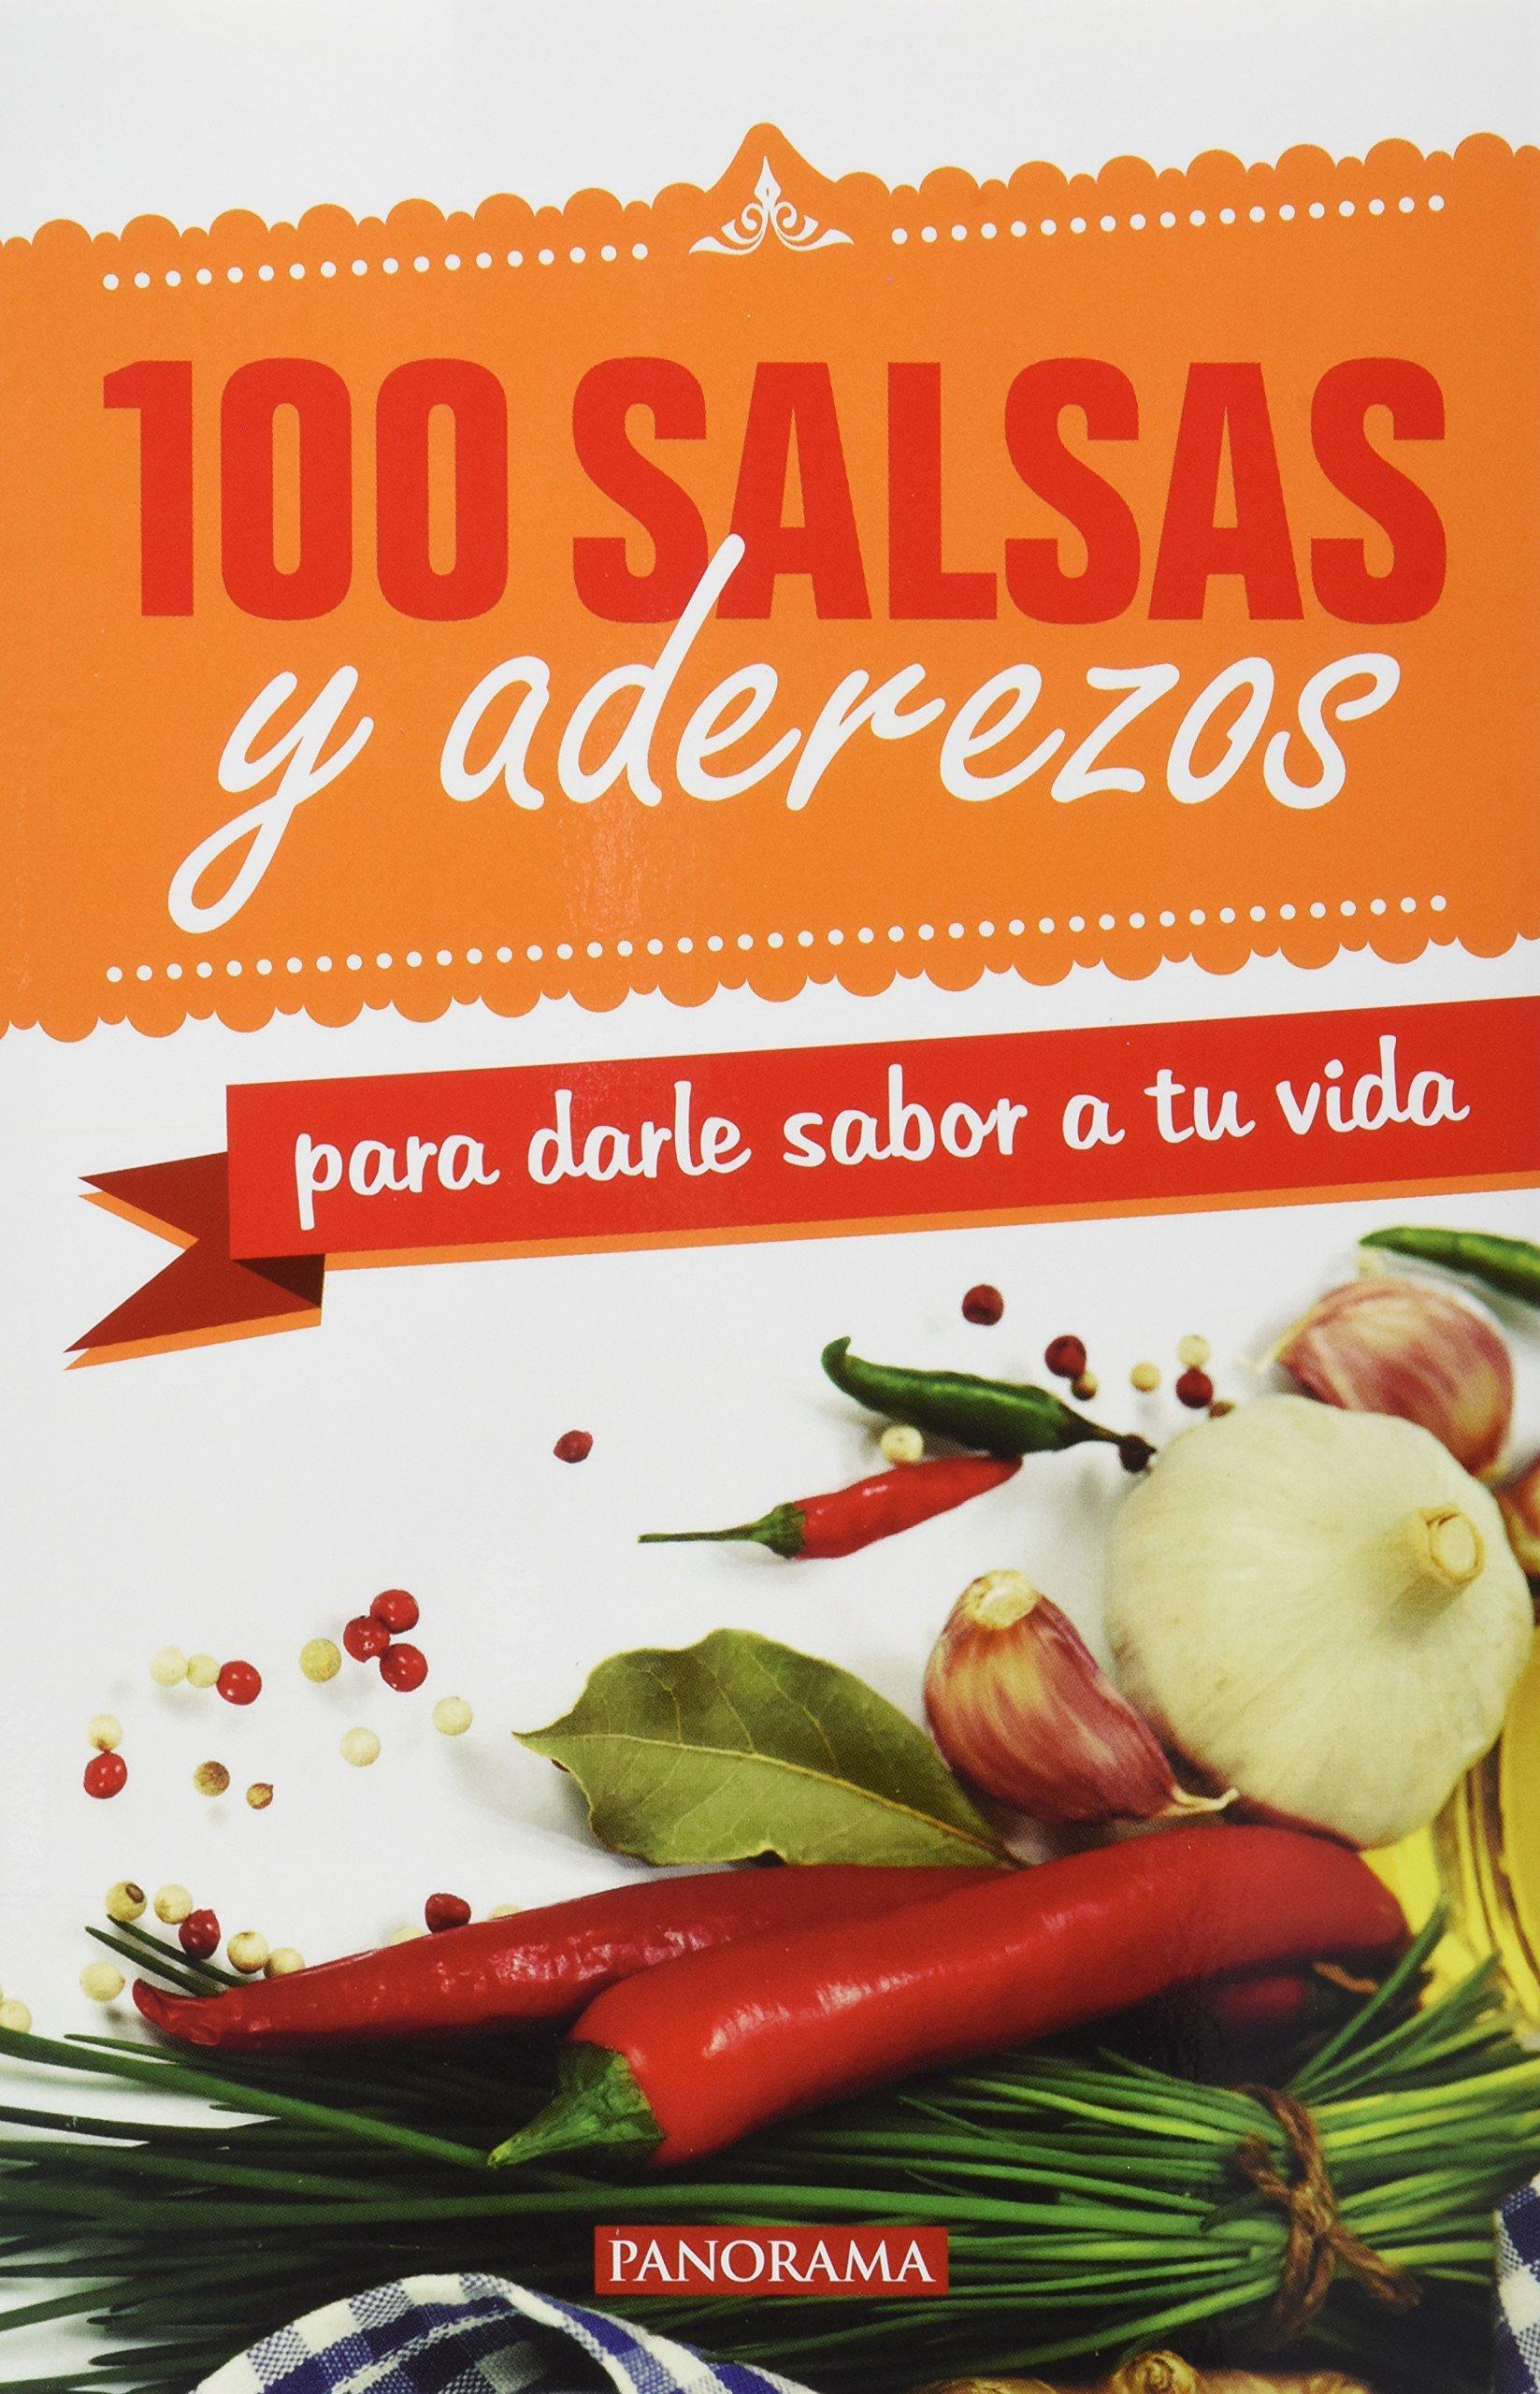 100 Salsas y Aderezos Para Darle Sabor a Tu Vida: Amazon.es: Compendium Compendium: Libros